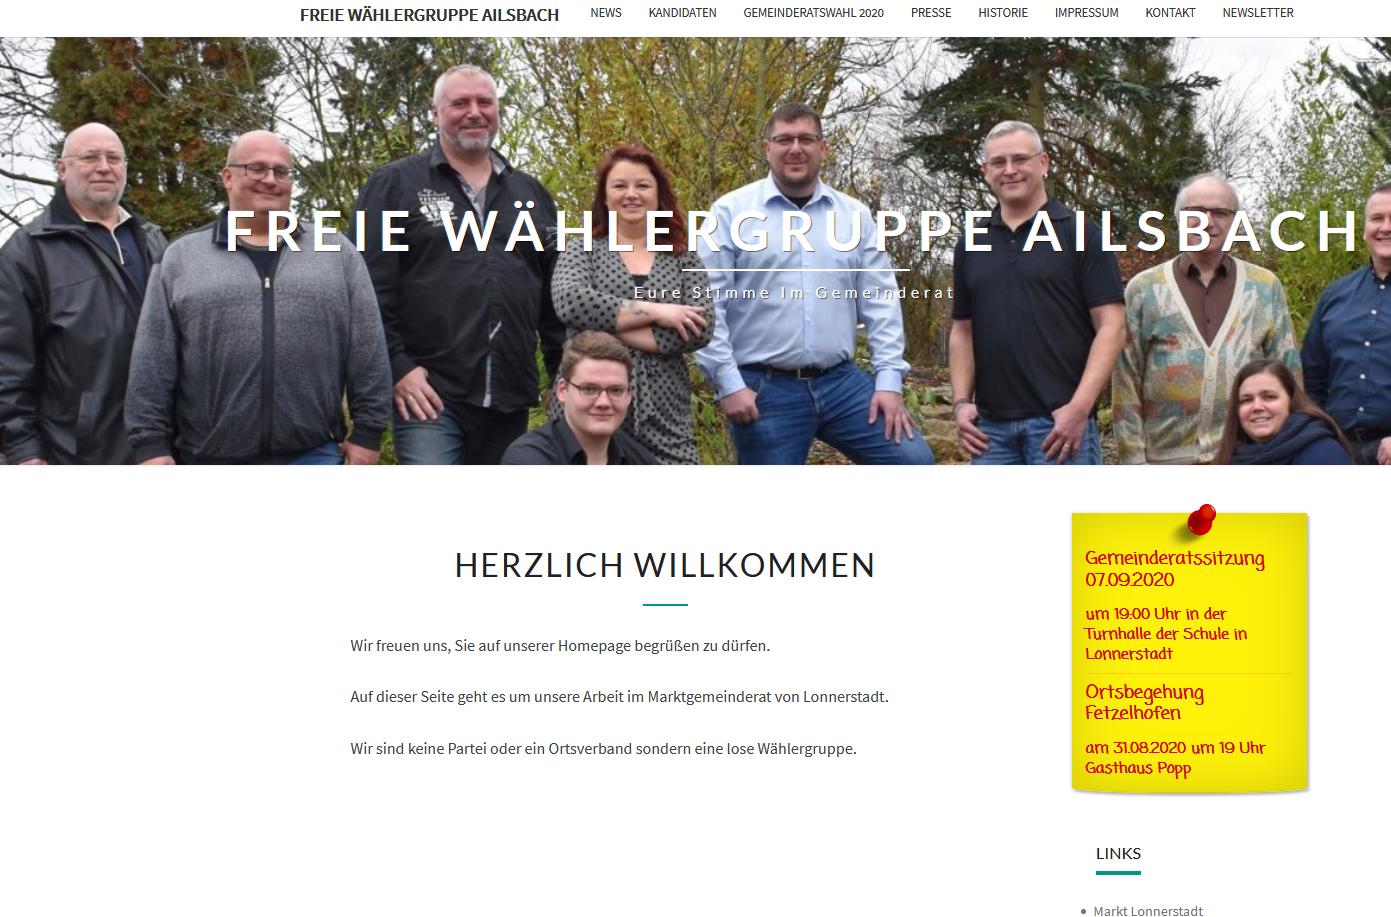 www.fwg-ailsbach.de